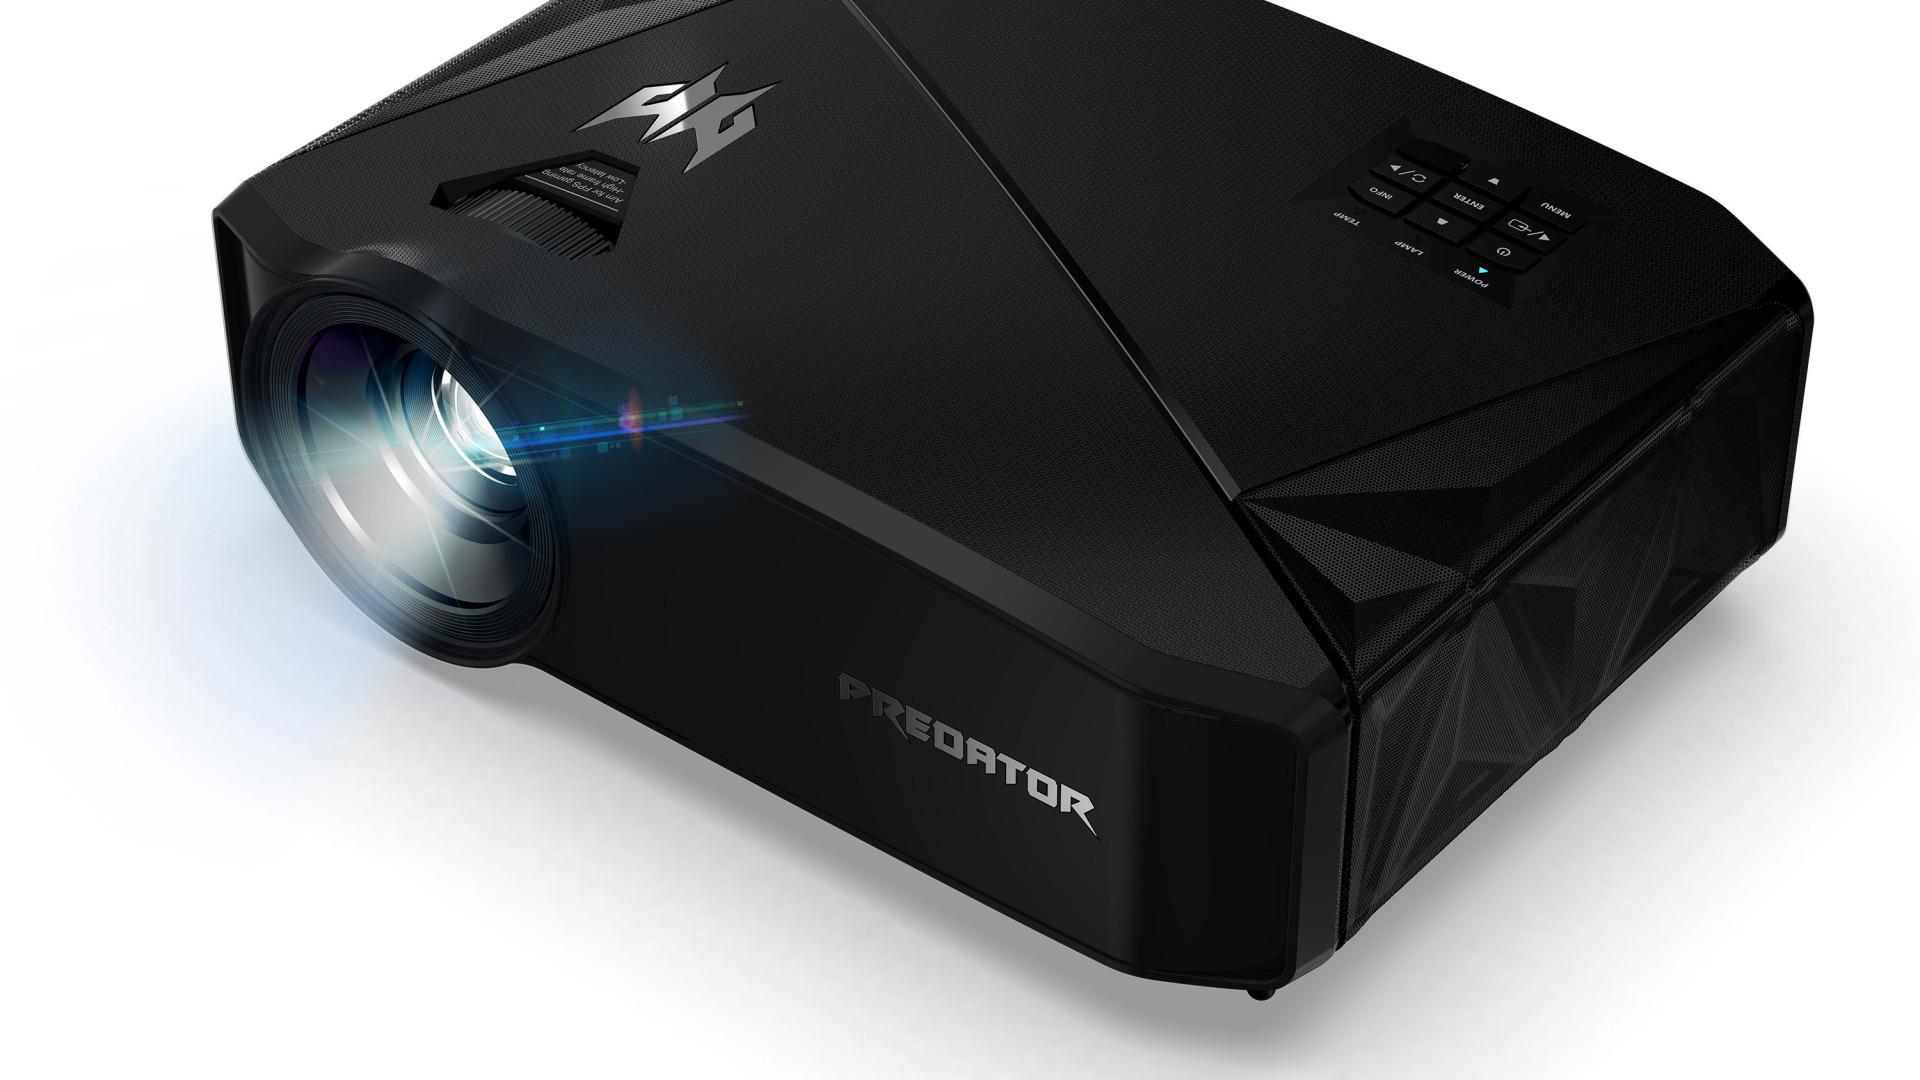 Gaming, Spiele, Konsole, Acer, 4K, Led, 1080p, Beamer, Projektor, Diagonale, HDMI 2.0, 240Hz, Acer Predator GD711, GD711